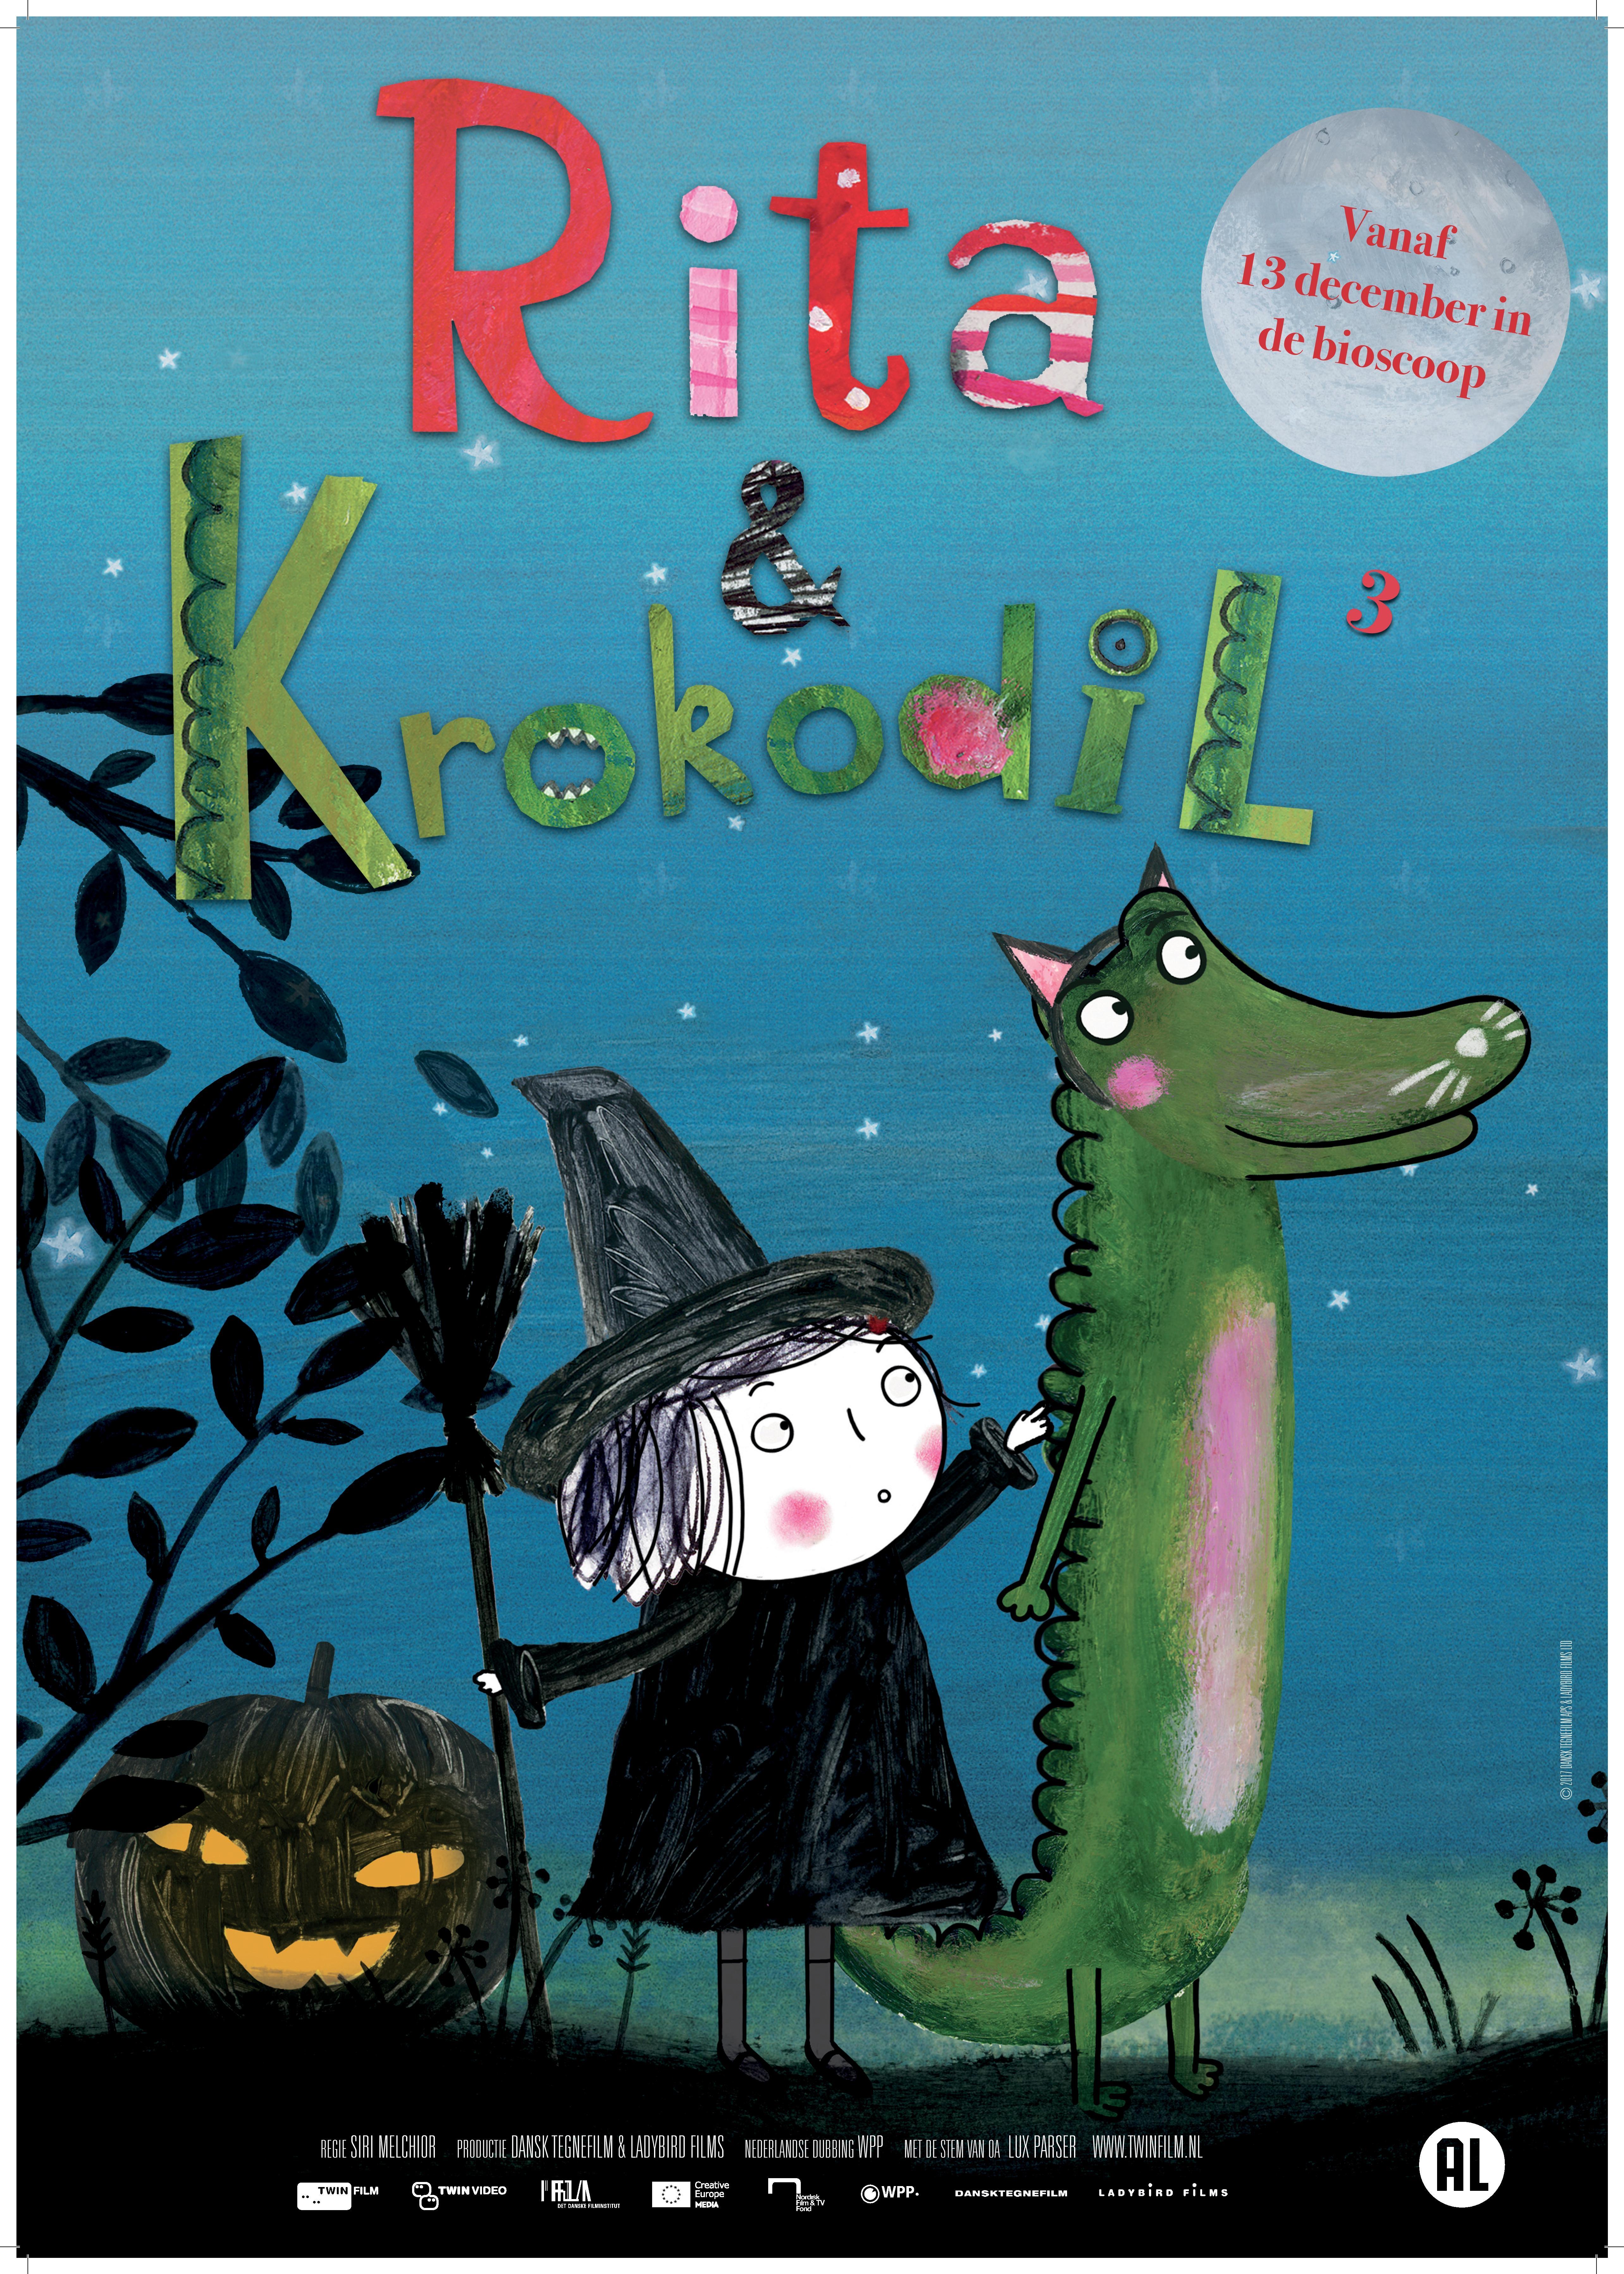 Rita og Krokodille (NL) poster, © 2014 Twin Film